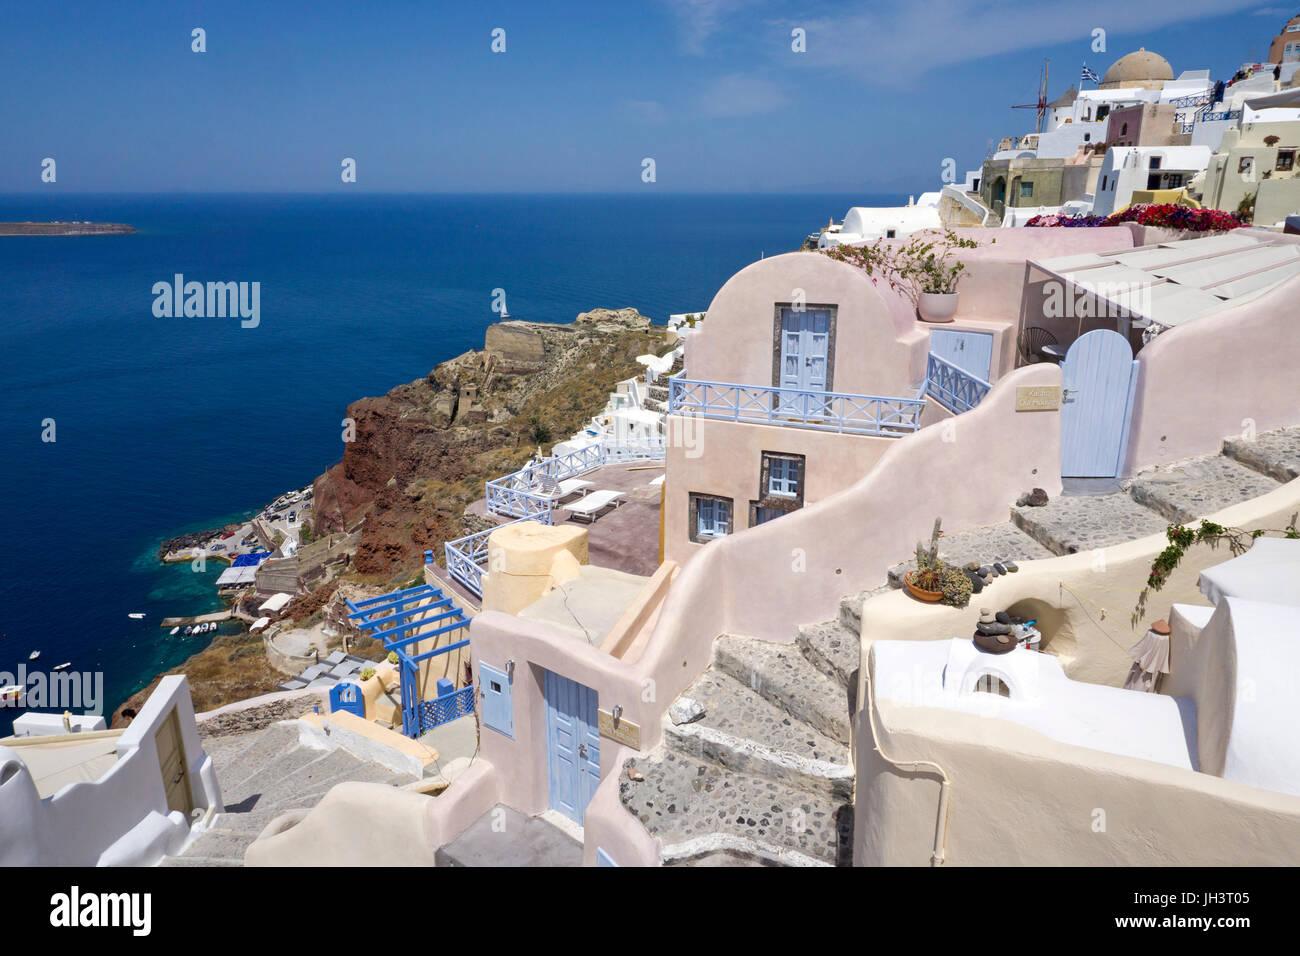 Das Dorf Oia am Kraterrand der Caldera, unterhalb der kleine Fischerhafen Ammoudi, Santorin, Kykladen, Aegaeis, - Stock Image